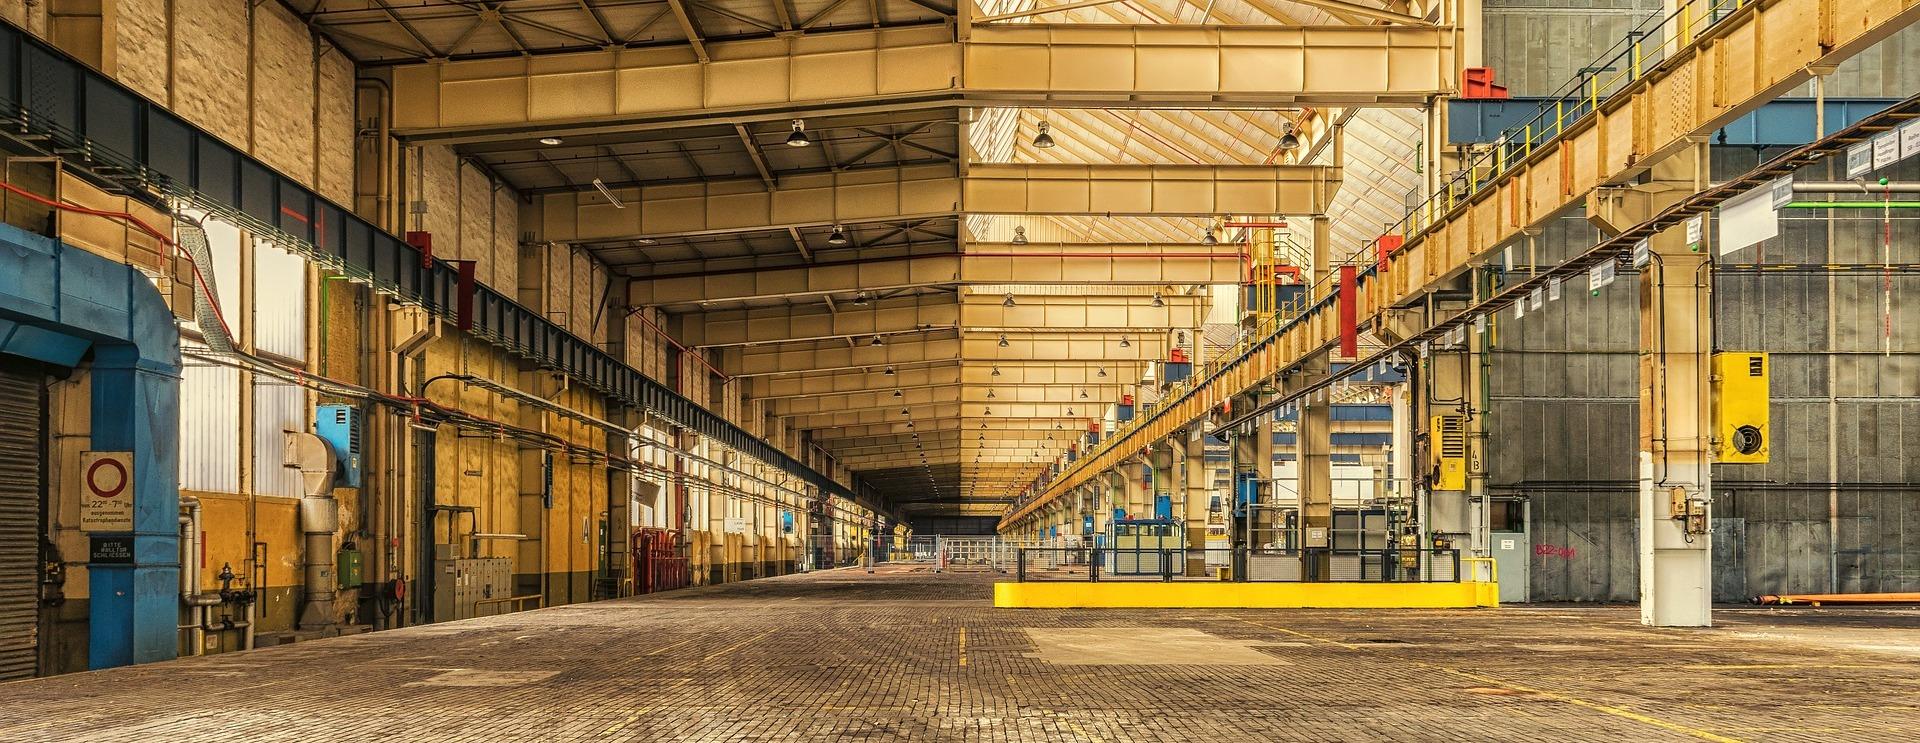 现代铸造技术公司实施了白俄罗斯卡利工厂的现代化车间项目。